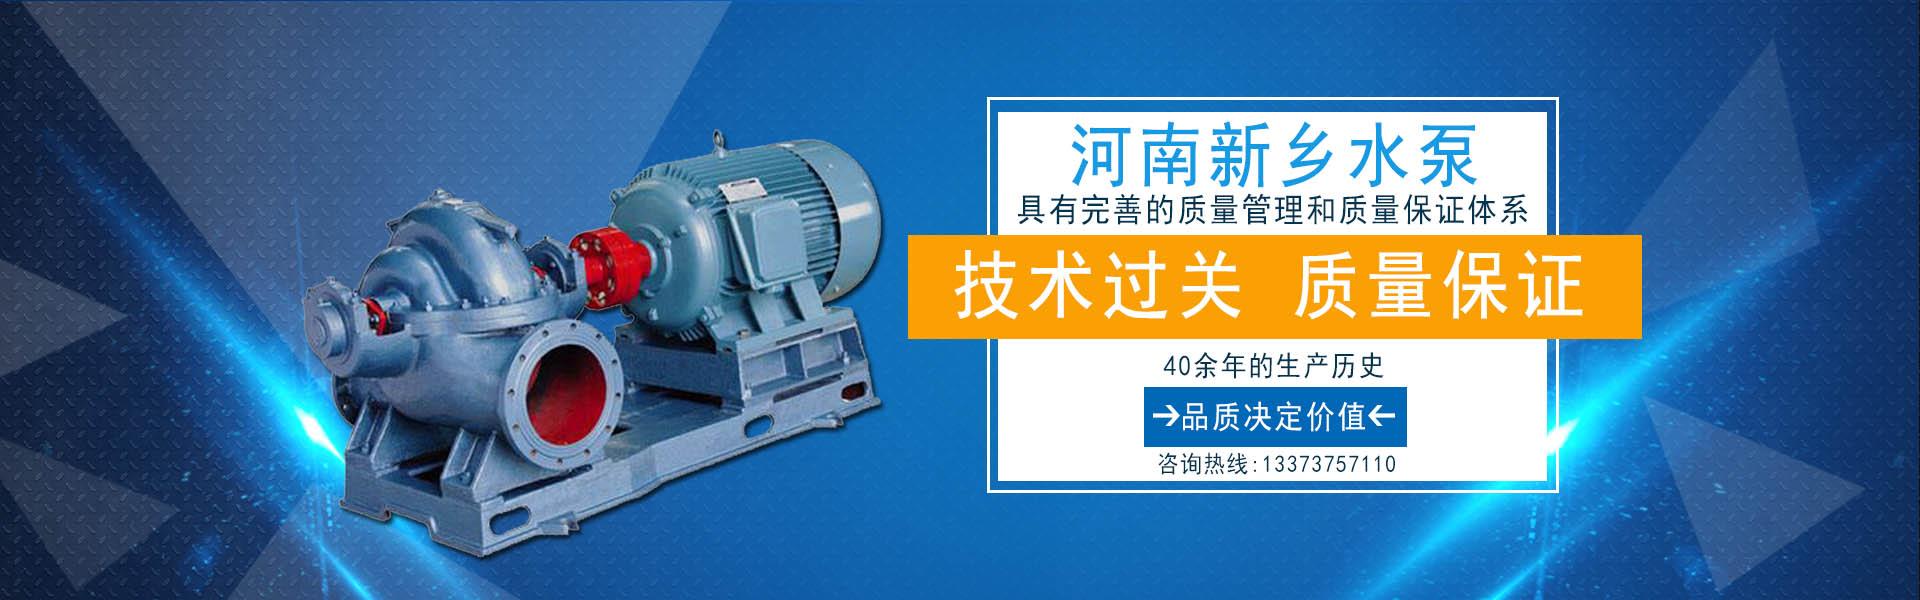 矿用水泵厂